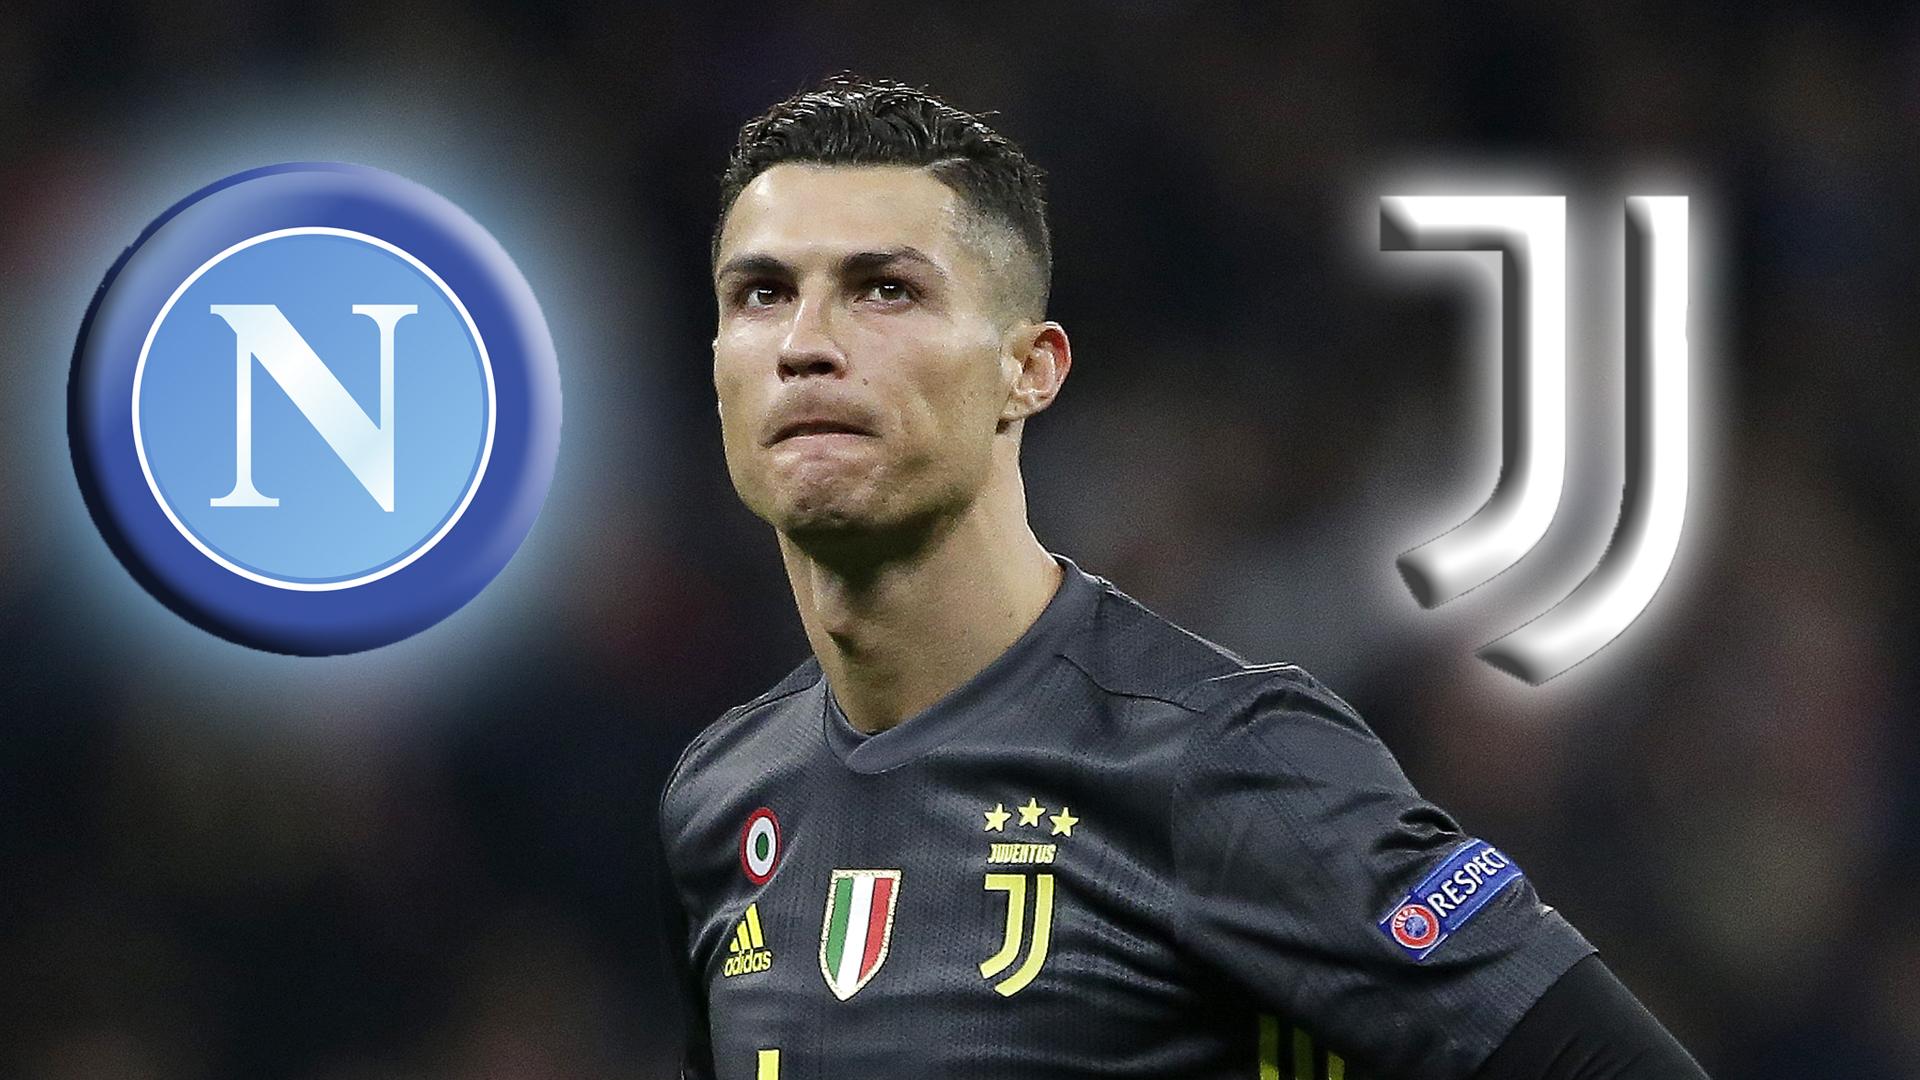 Napoli Vs Juventus Turin Die Serie A Heute In TV Und